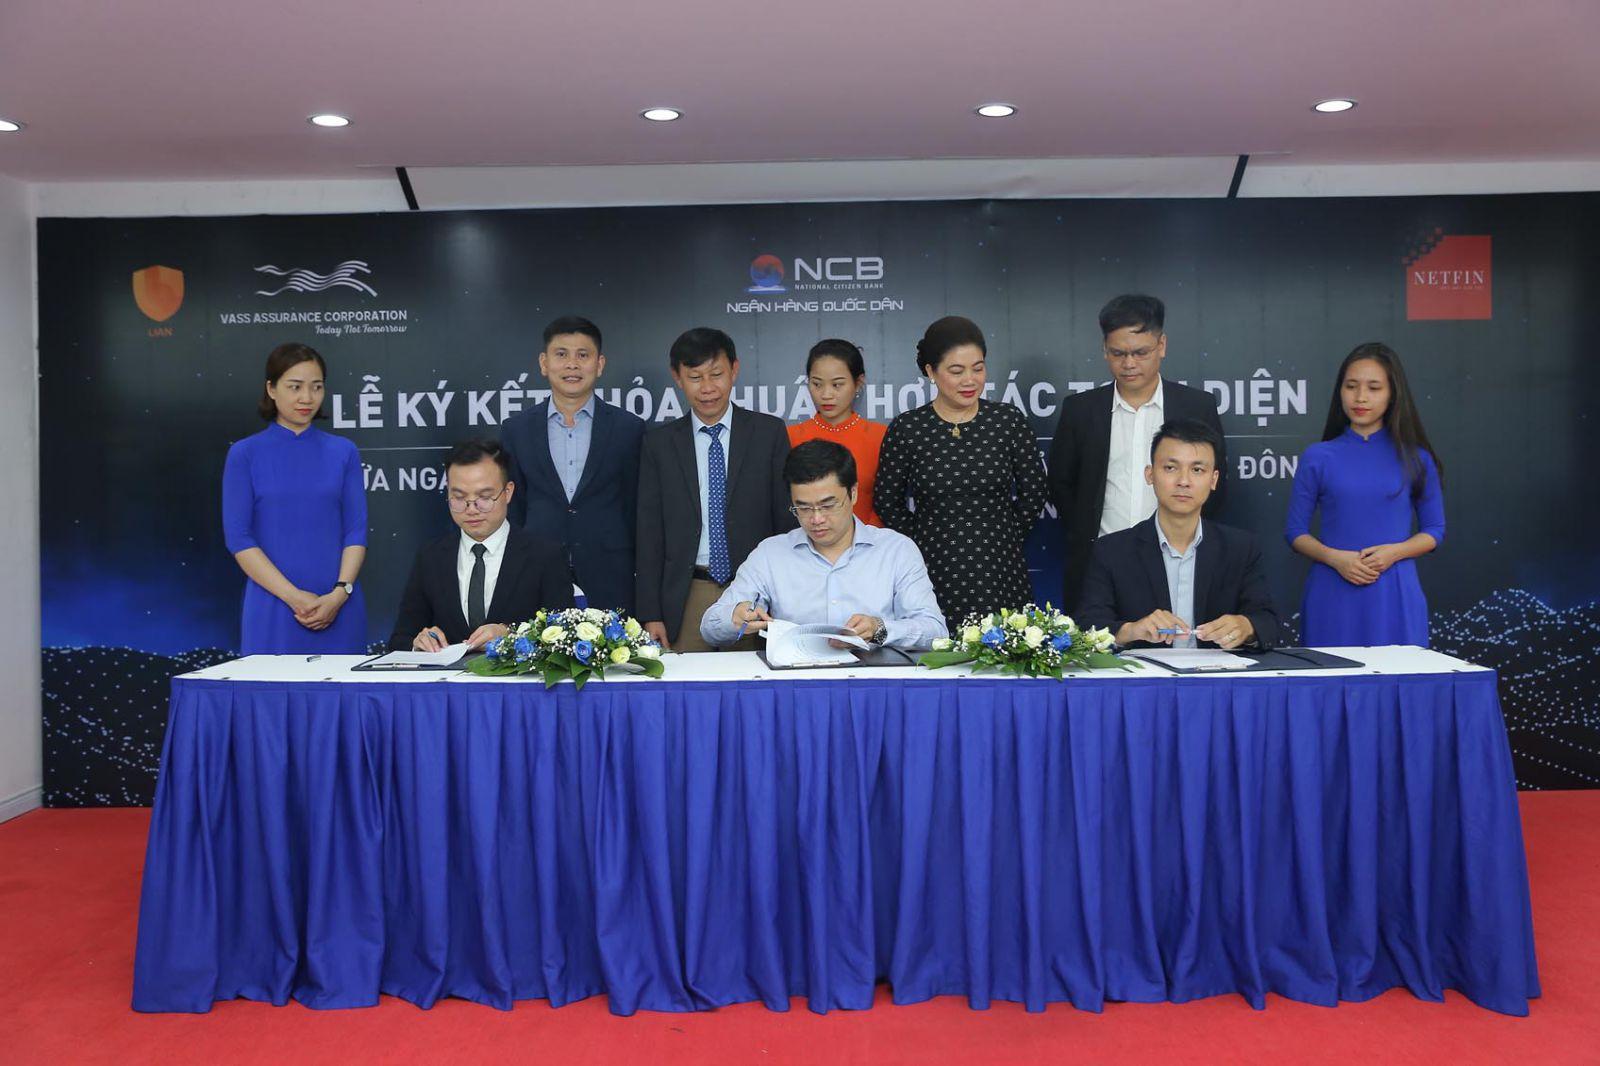 (Báo Vietstock) NCB hợp tác với VASS và Netfin Việt Nam